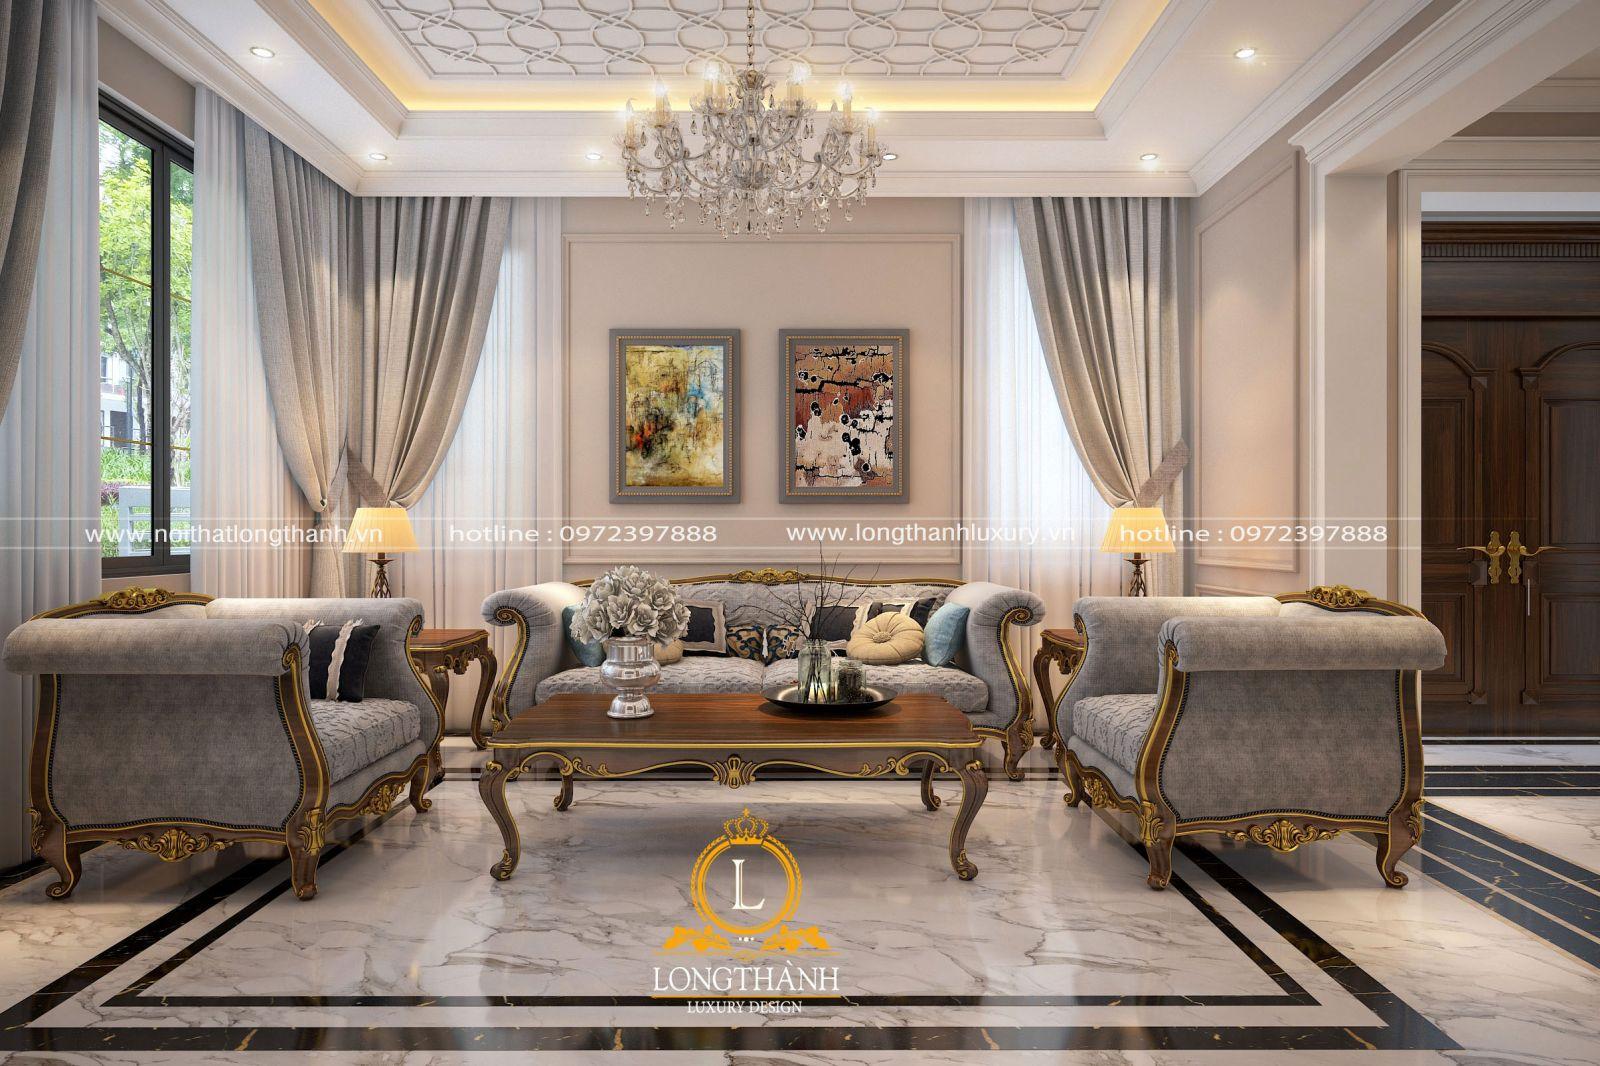 Mẫu sofa đẹp được thiết kế hiện đại trẻ trung